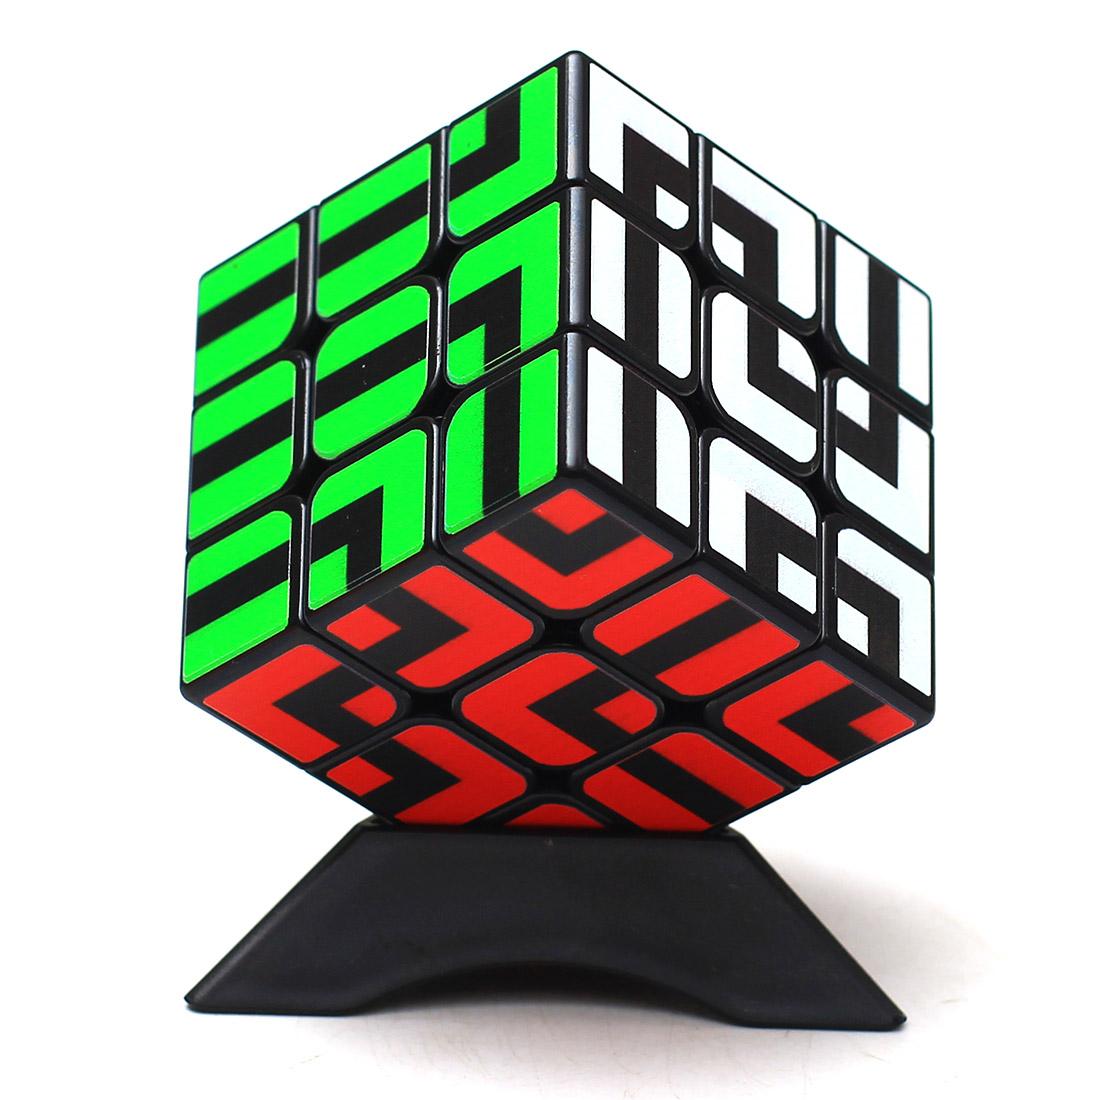 [해외]Z - 큐브 미로 유형 3x3x3 매직 큐브 퍼즐 큐브 어린이를지능형 선물 완구 - 블랙/Z-cube Maze Type 3x3x3 Magic Cube Puzzle Cube Intelligent Gift Toys For Children - Black